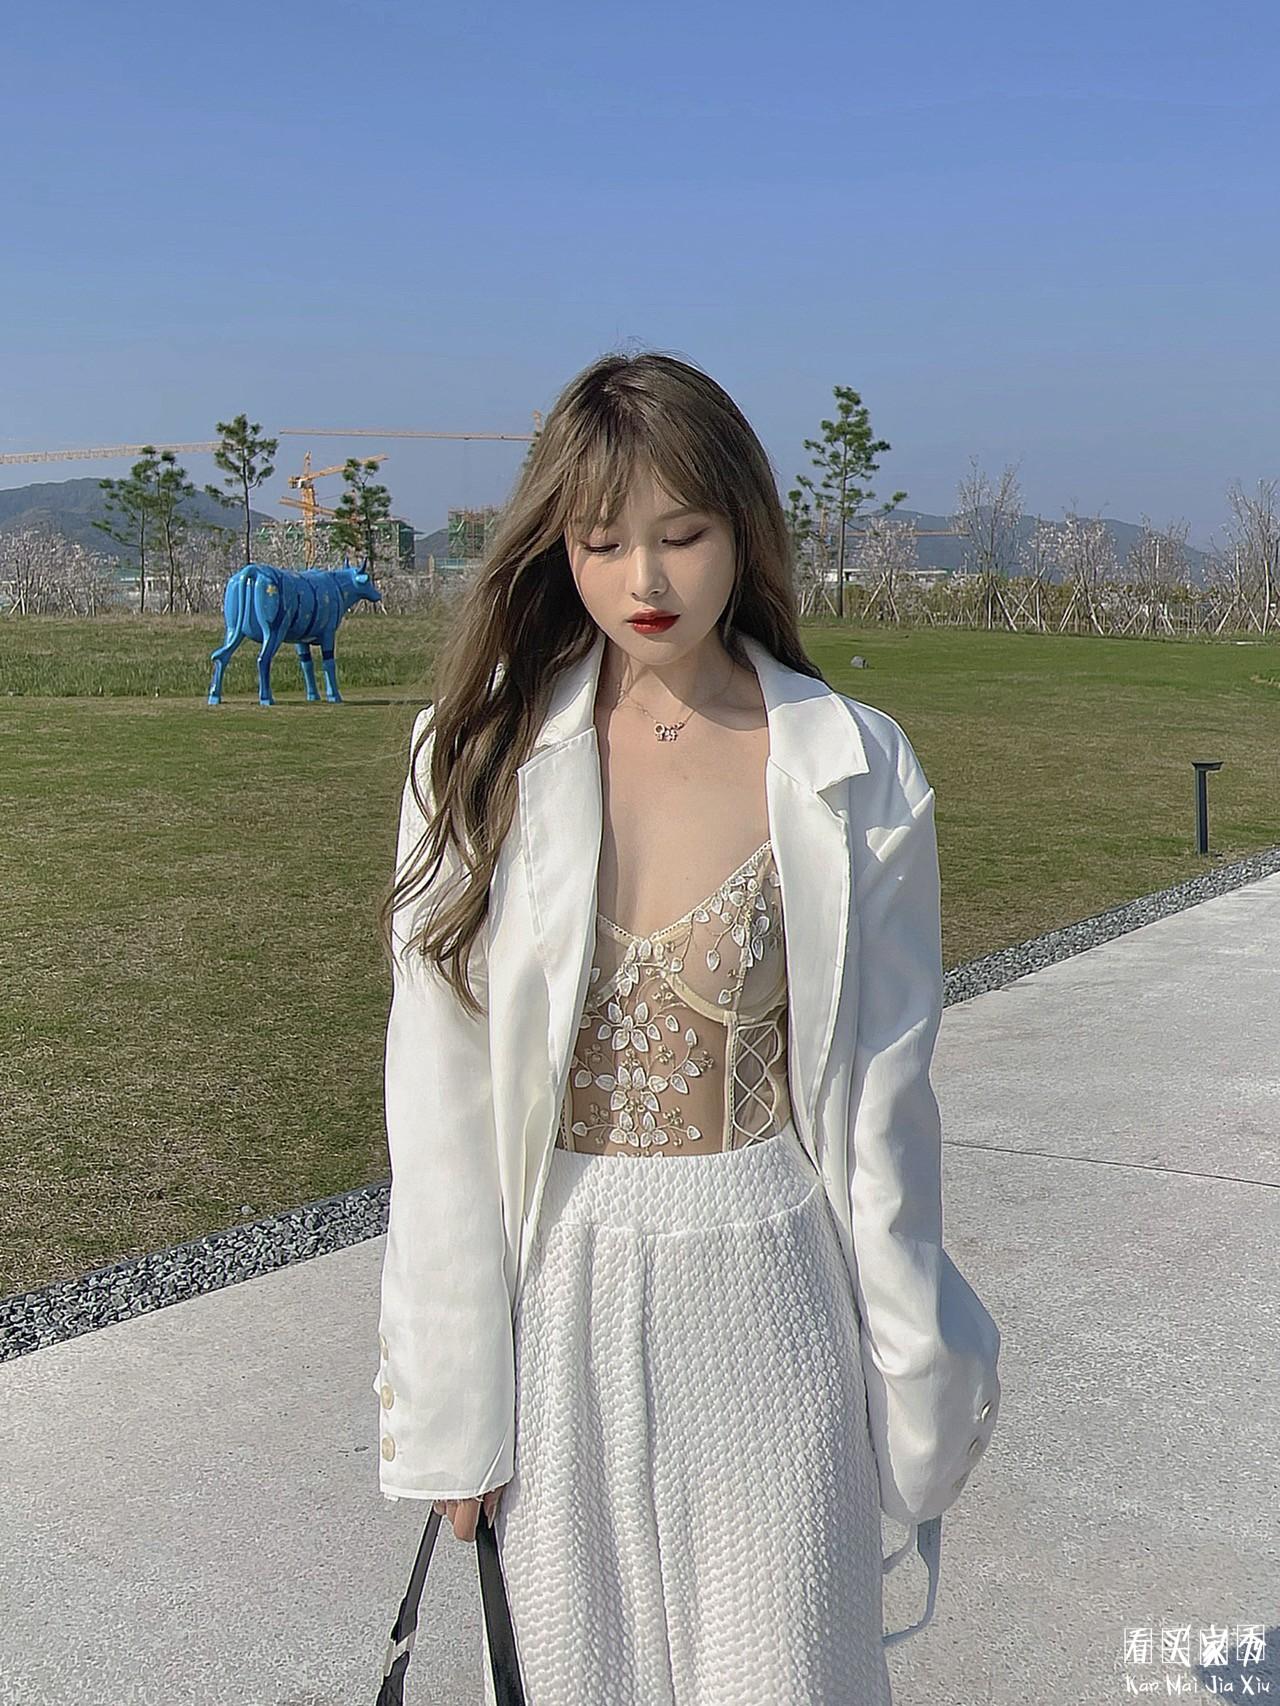 蕾丝刺绣透视内衣买家秀,一件可外穿的神奇内衣2